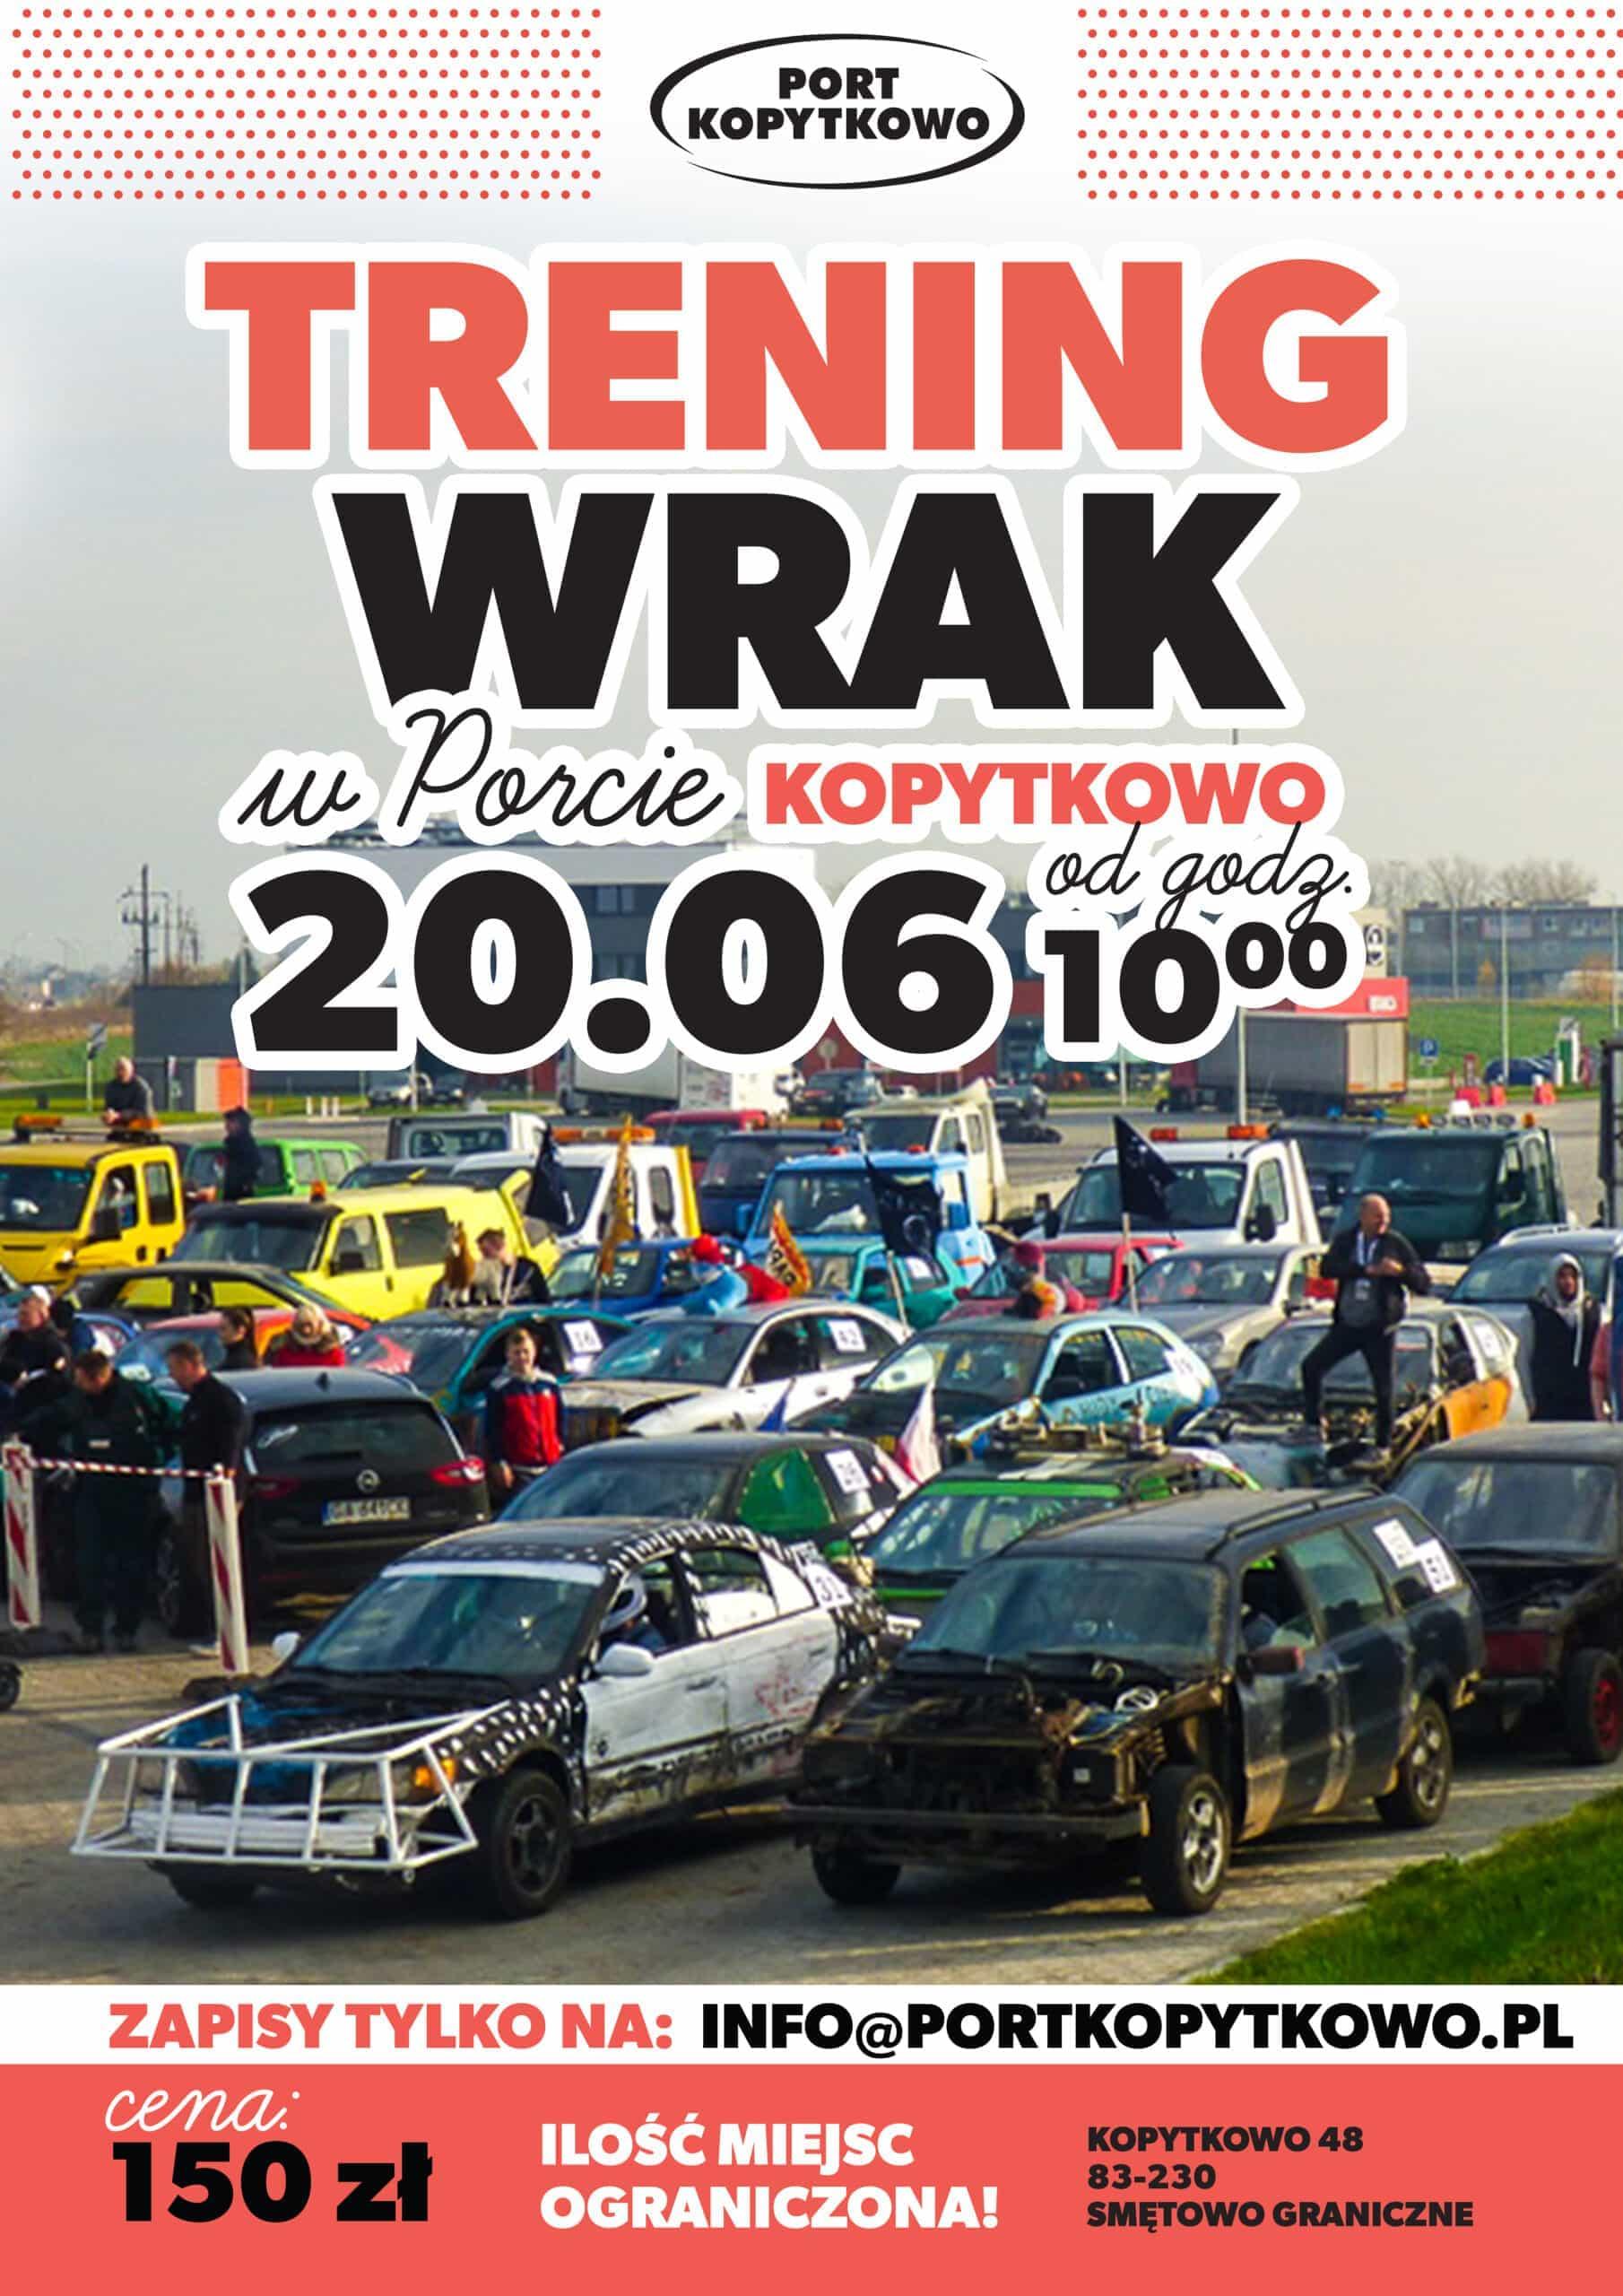 Trening Wrak wPorcie Kopytkowo już 20 czerwca!